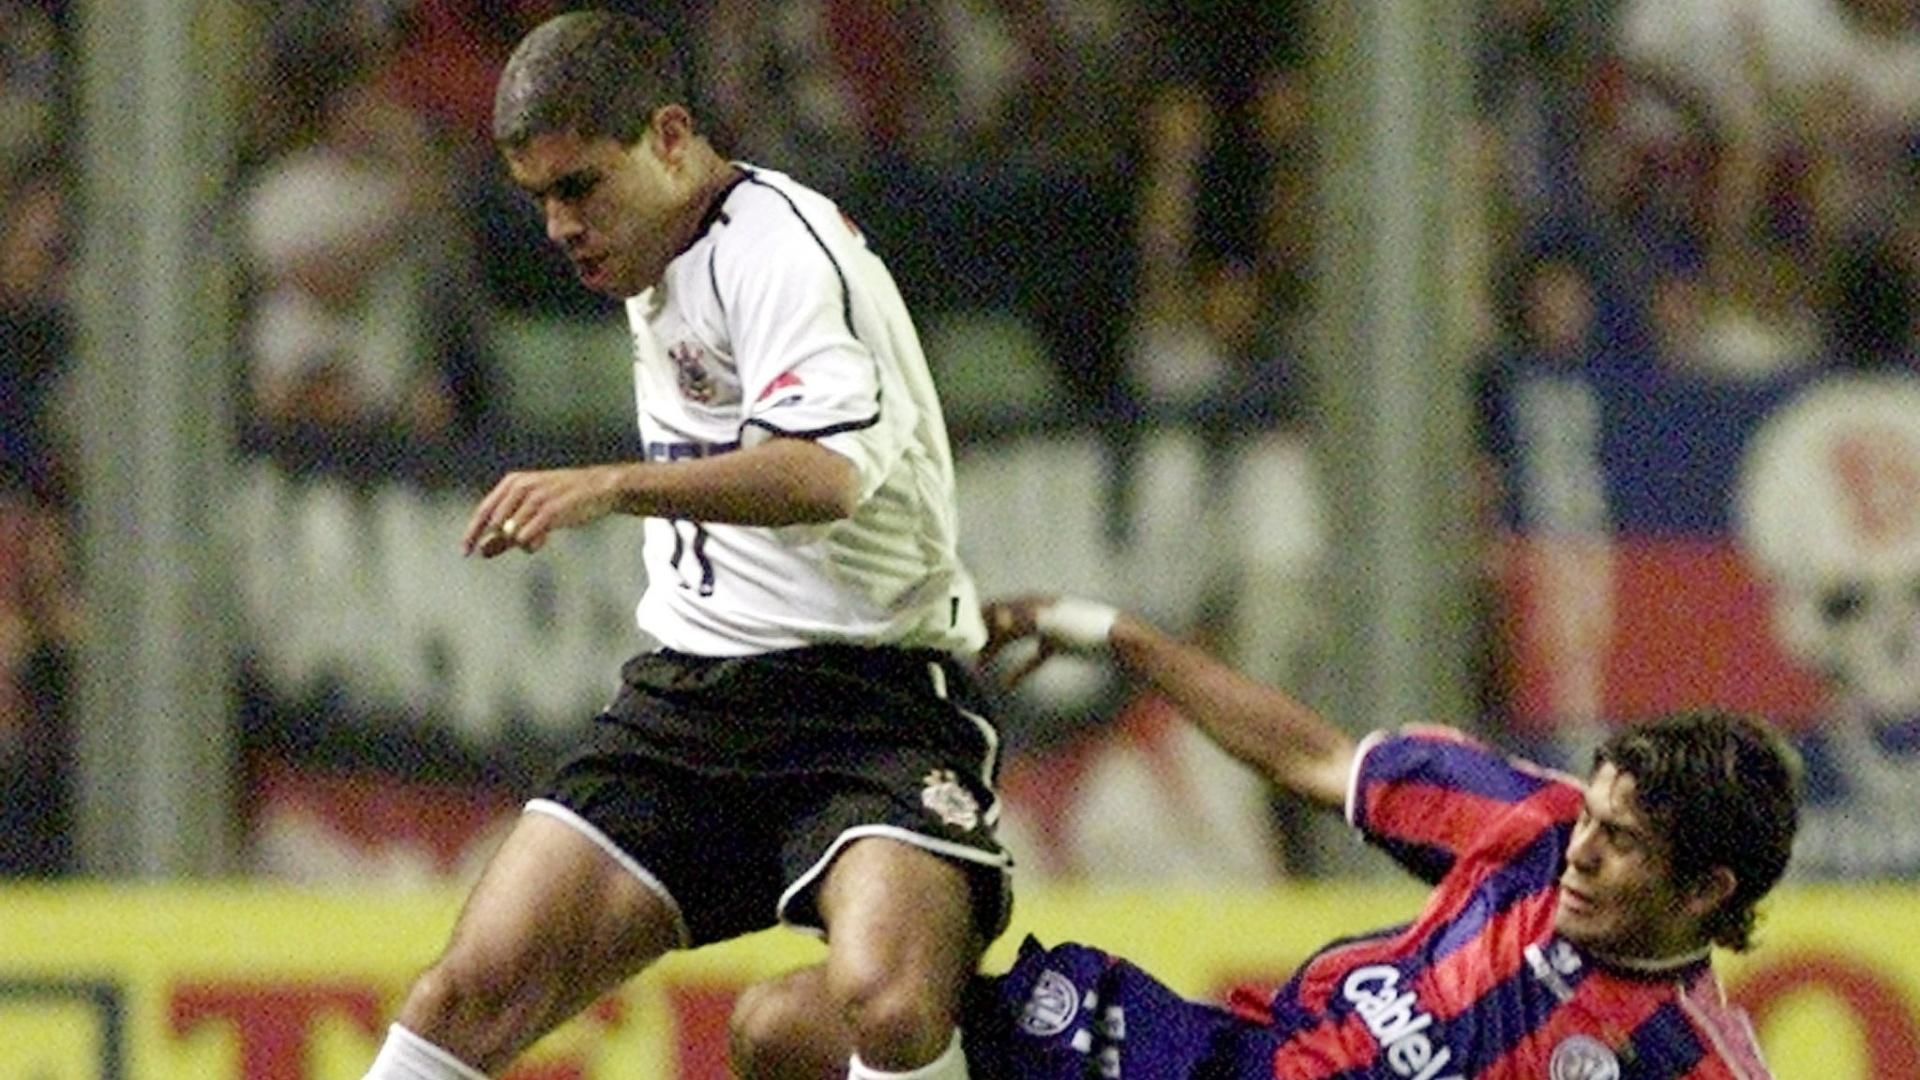 Ricardinho, meia do Corinthians, sofre entrada dura de Erviti, do San Lorenzo, em jogo entre os dois times na Copa Mercosul de 2001, em Buenos Aires